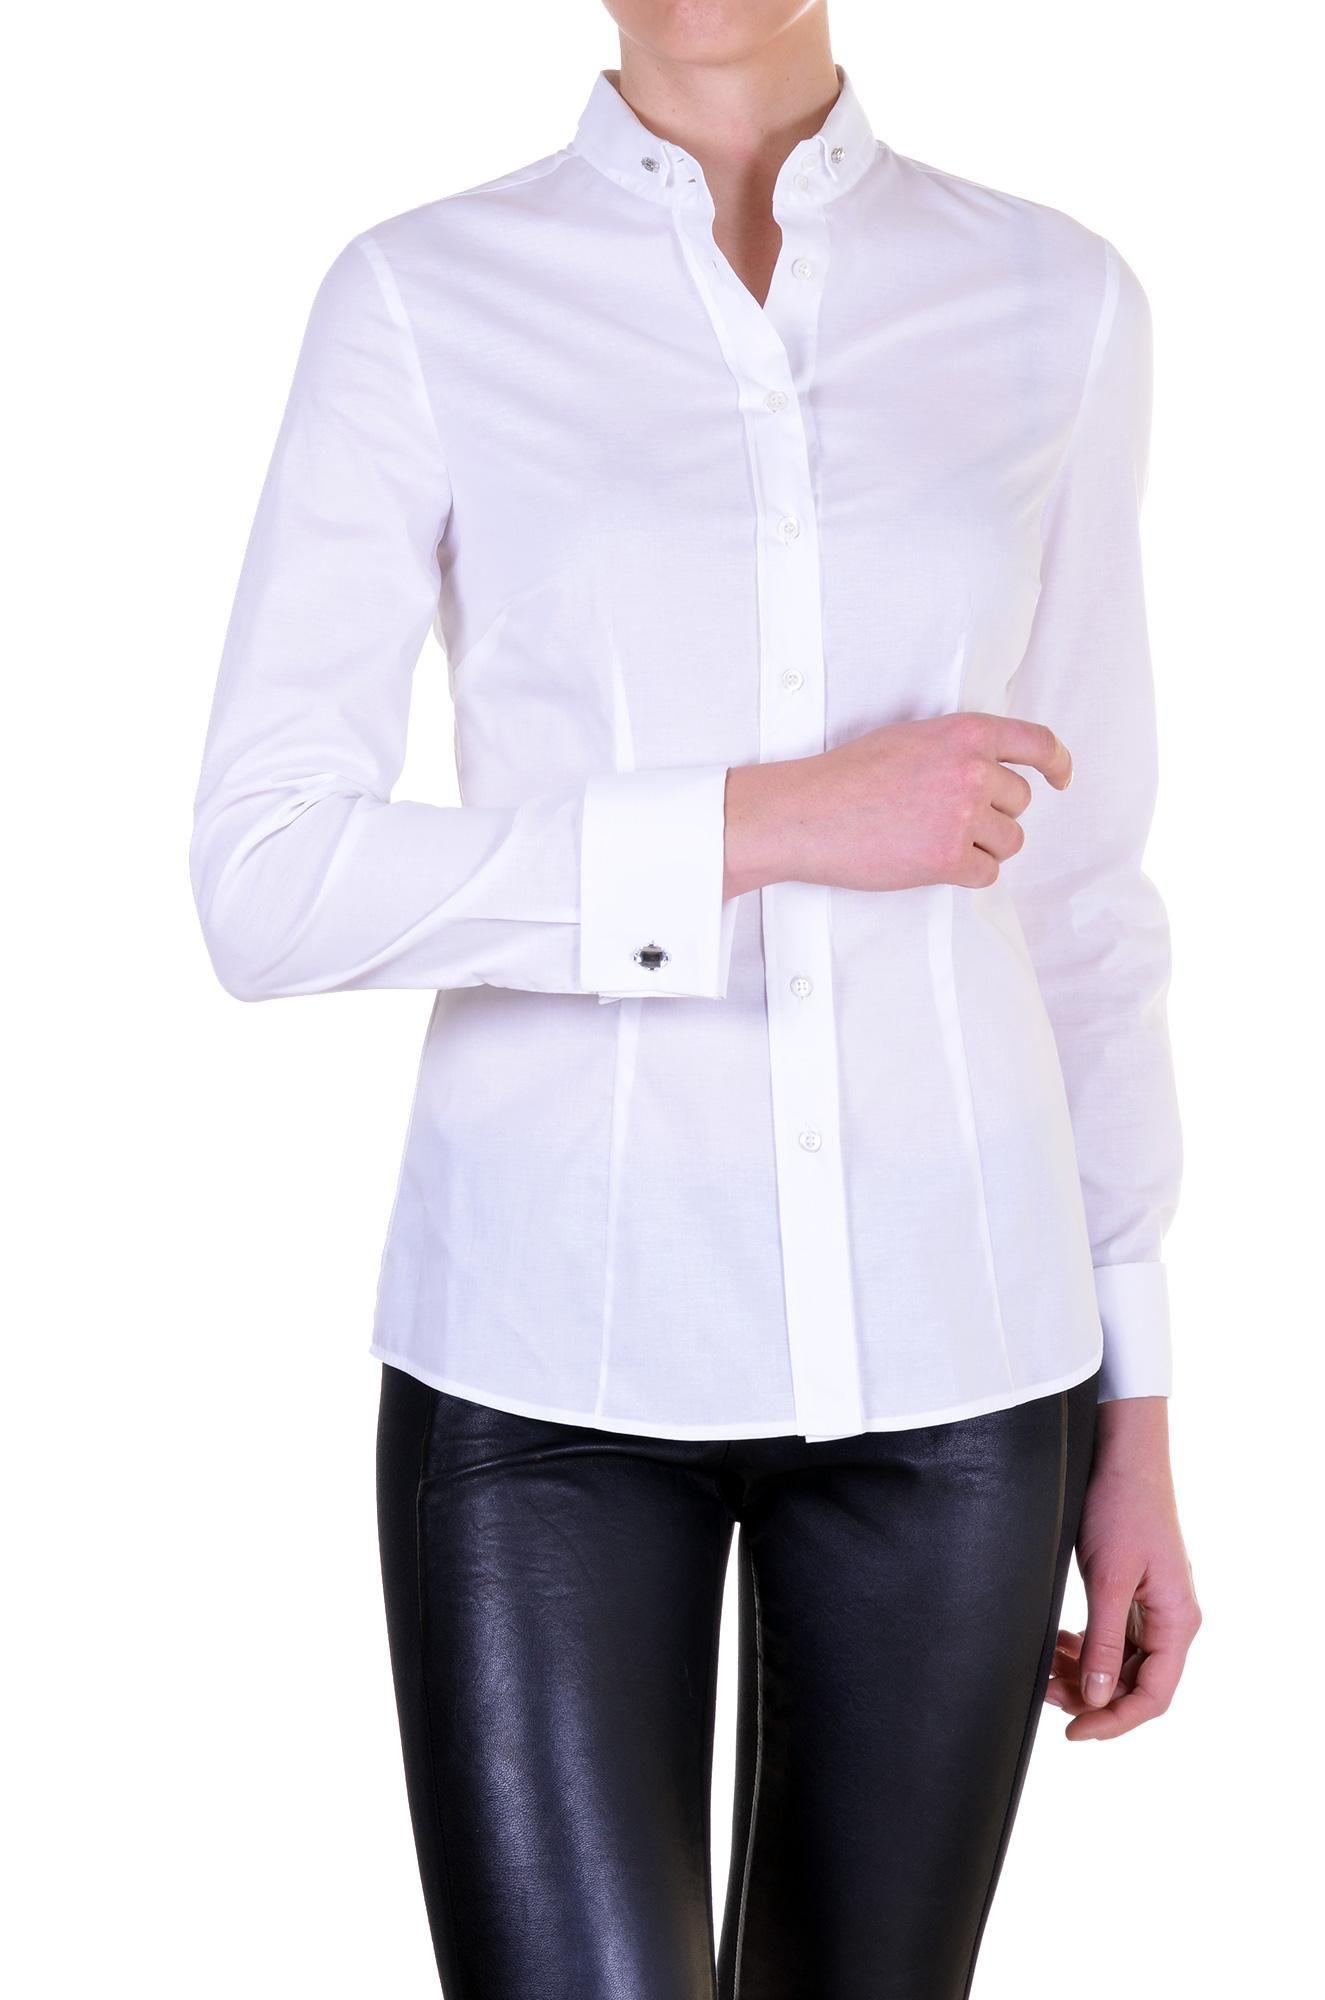 Shirt pe15-zanetti-k20700-za1841-001 | Kamiceria.com